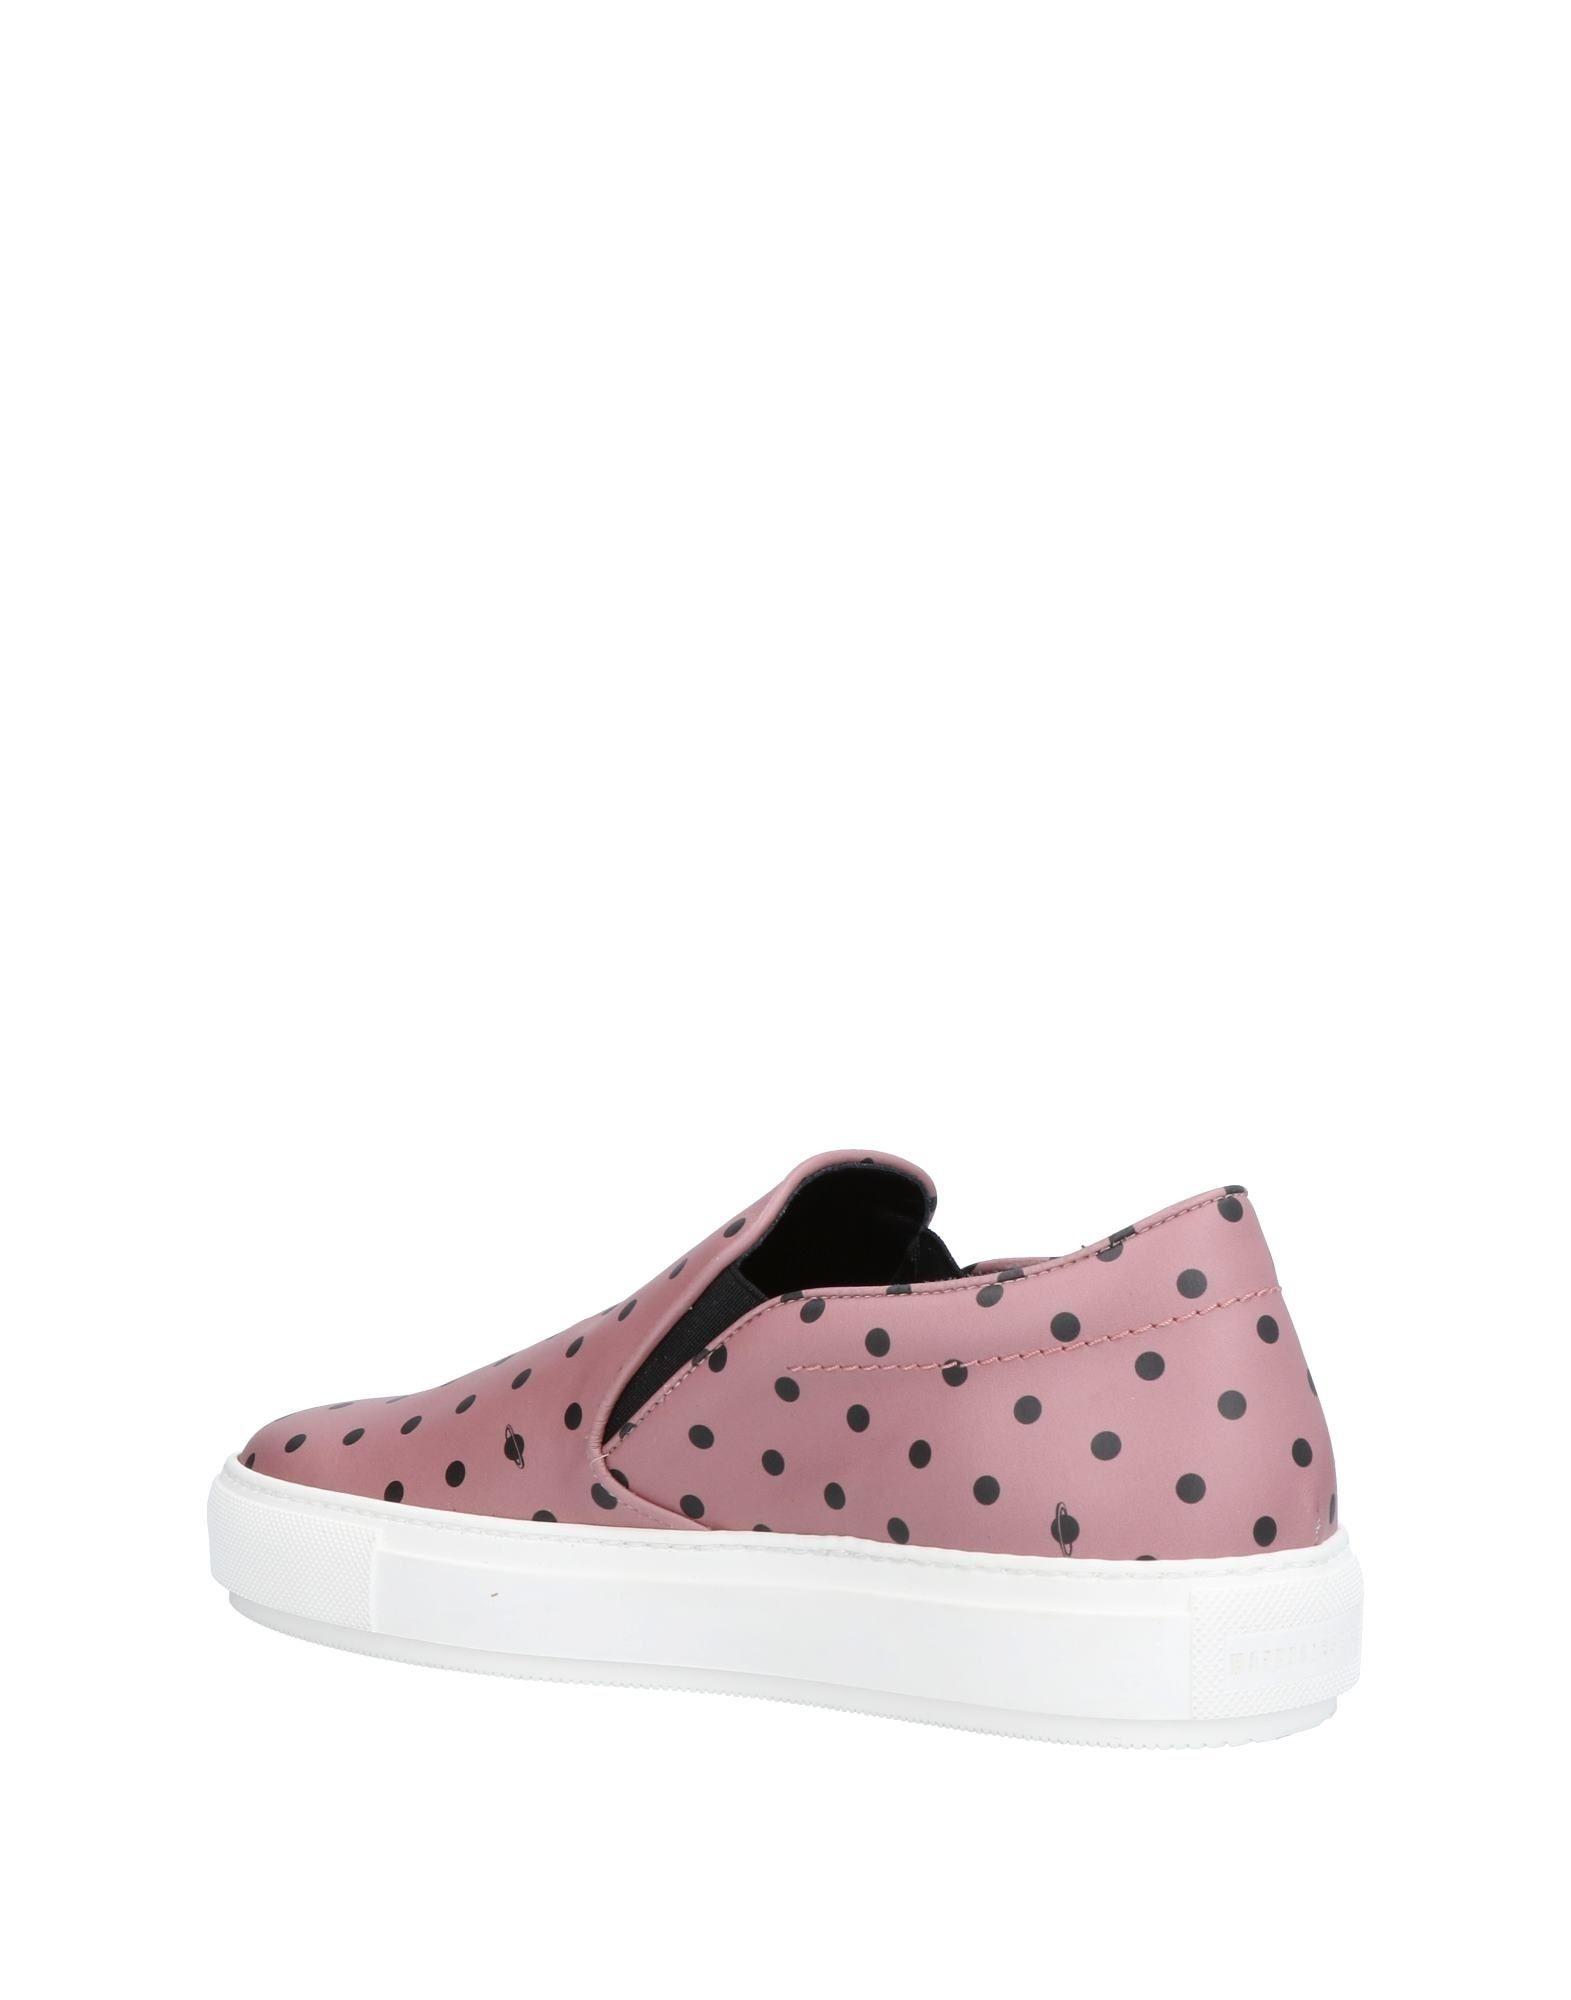 Markus Lupfer Gute Sneakers Damen  11505006GF Gute Lupfer Qualität beliebte Schuhe 2192ef